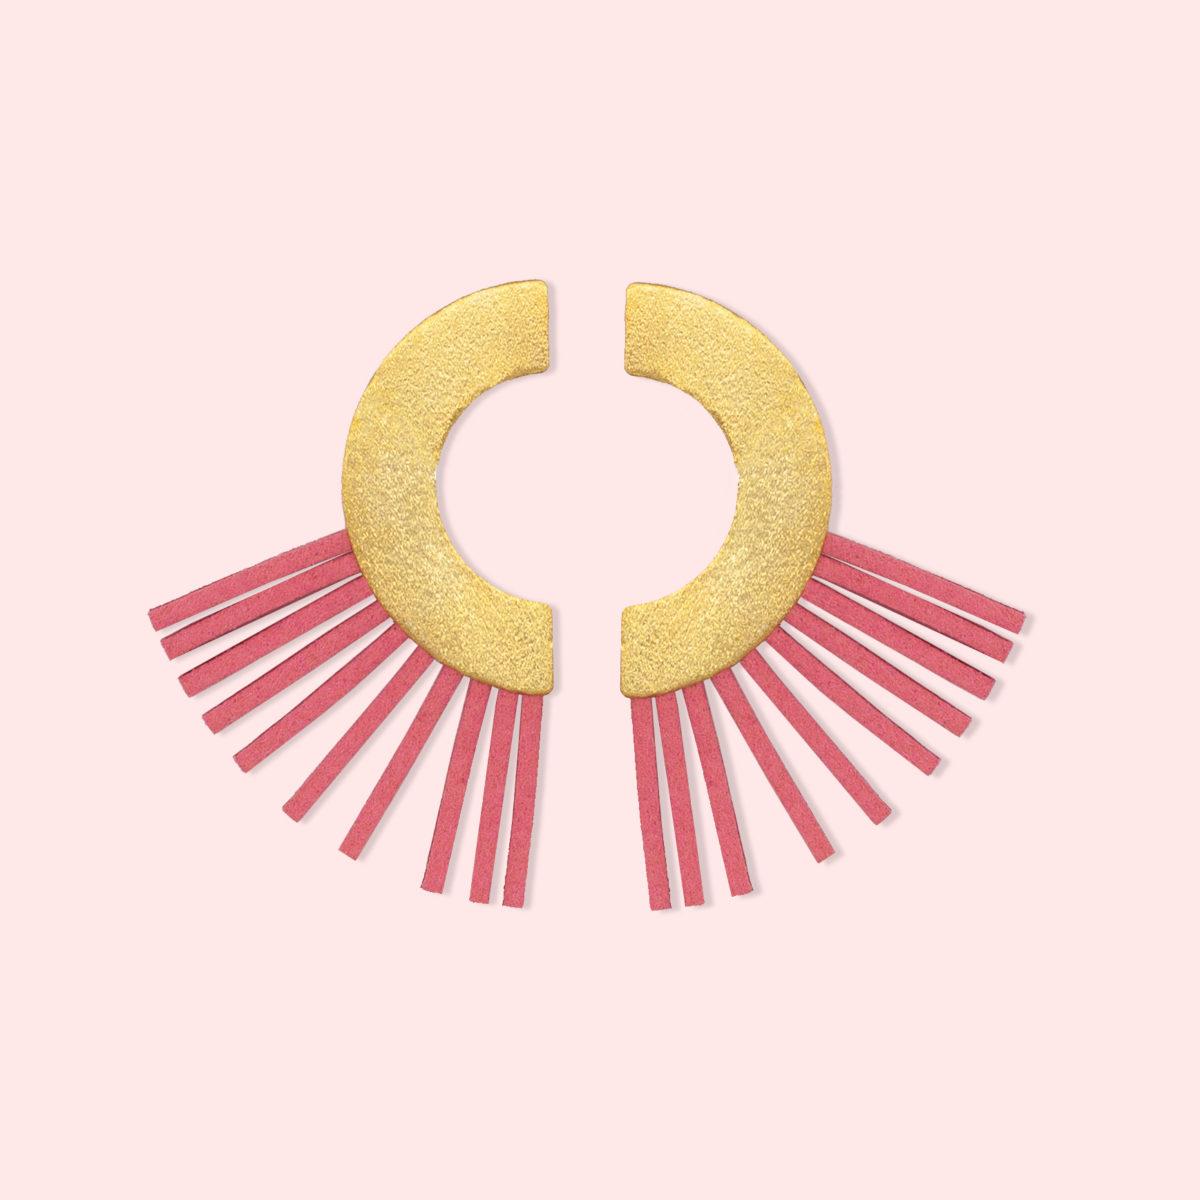 Carrie Ohrringe gold rosa leder